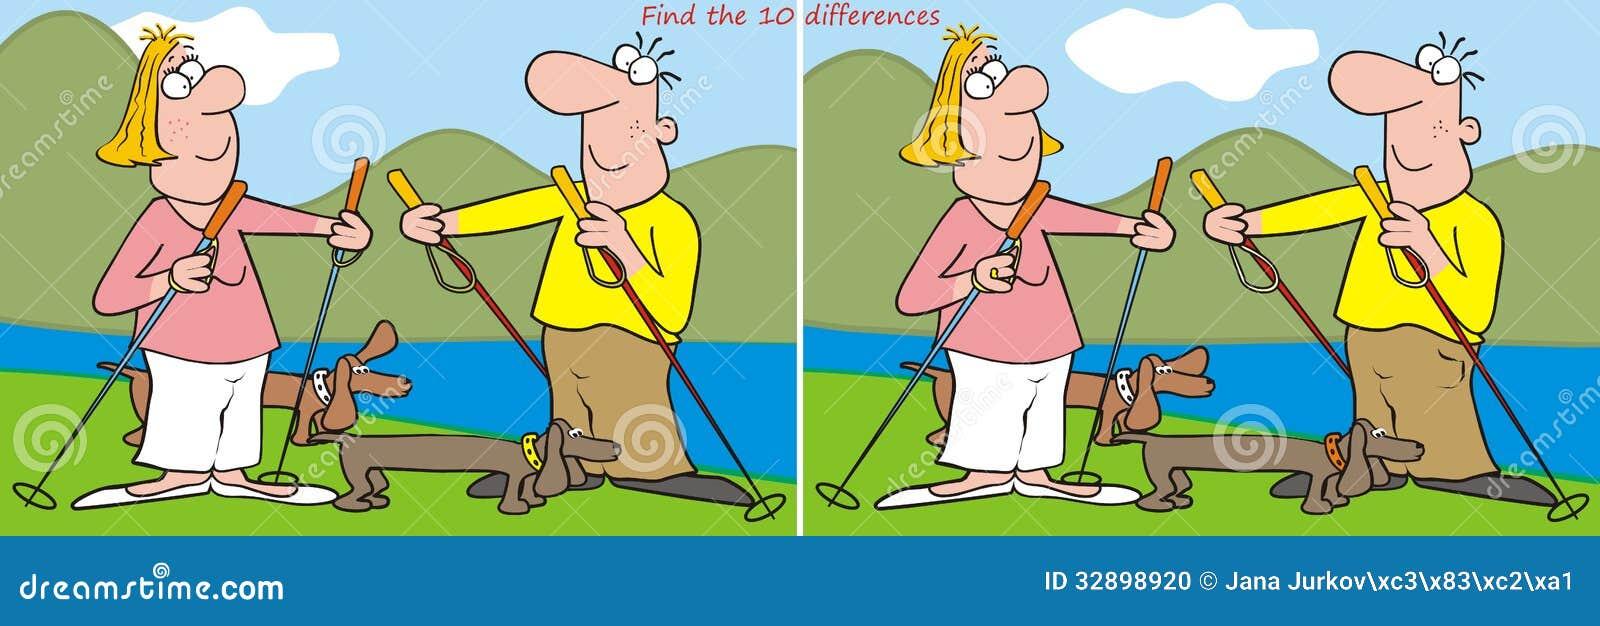 10 différences - randonneur